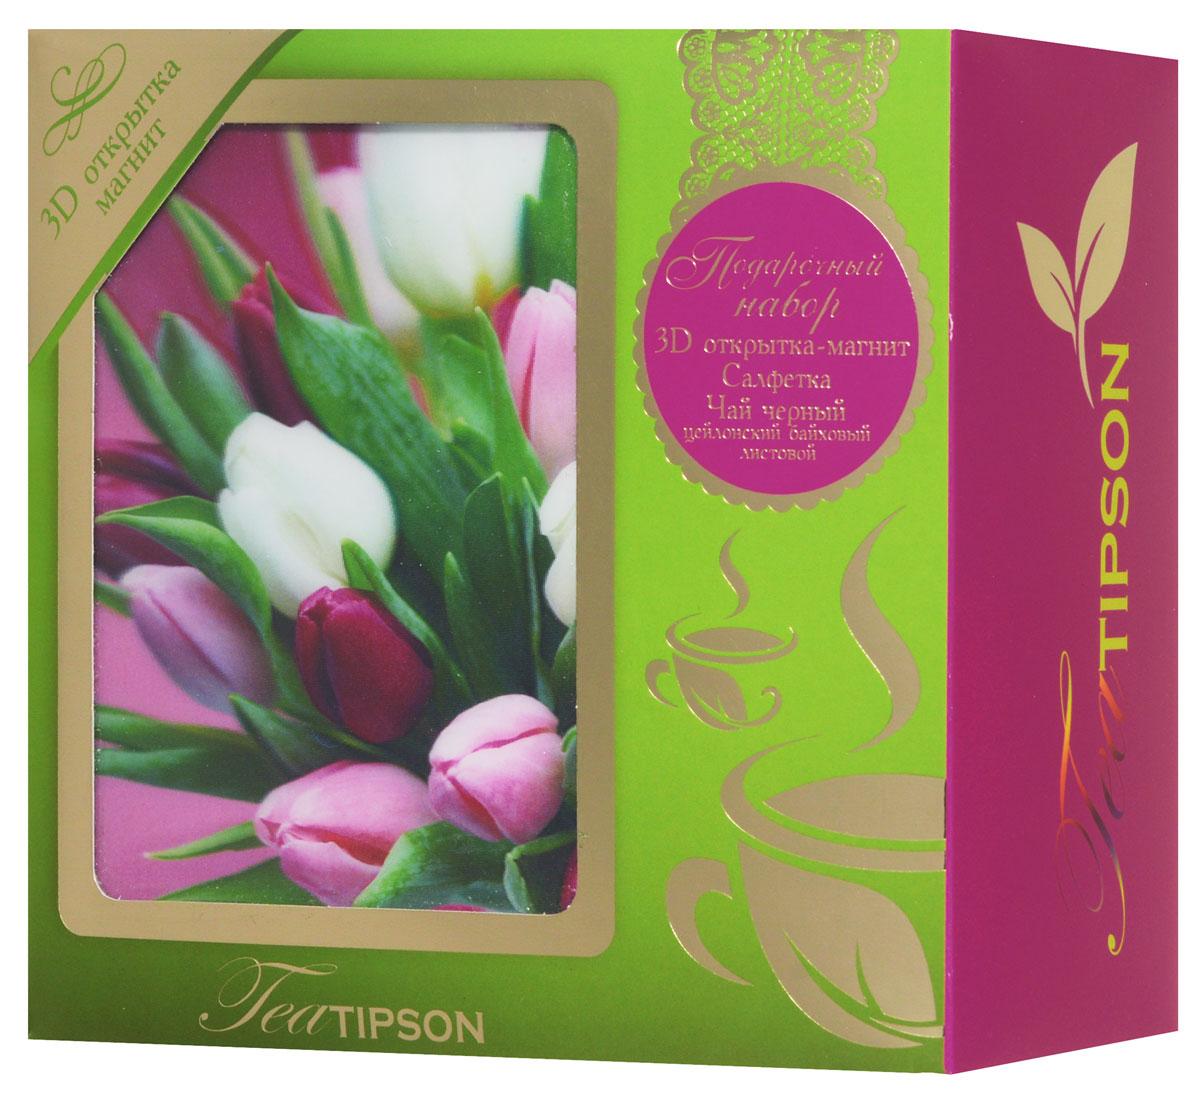 Tipson Подарочный набор Фиолетовый черный чай Ceylon №1 с 3D открыткой-магнитом и салфеткой для дома, 85 г10055-00Ищите подарок любимой хозяюшке? Подарите чайный набор Tipson Фиолетовый в красочной упаковке из дизайнерского картона. В комплект с упаковкой традиционного чая Tipson Ceylon №1 входит очень нужная в каждом доме яркая салфетка из 100% хлопка, а также яркая, переливающаяся 3D-открытка, которую можно повесить на холодильник и которая будет напоминать о вас круглый год. Чайный набор Tipson - это прекрасный вкусный черный чай и милые сердцу вещицы.Размер салфетки: 30 см х 30 смМатериал салфетки: 100% хлопокРазмер 3D-открытки: 12 см х 15,5 см